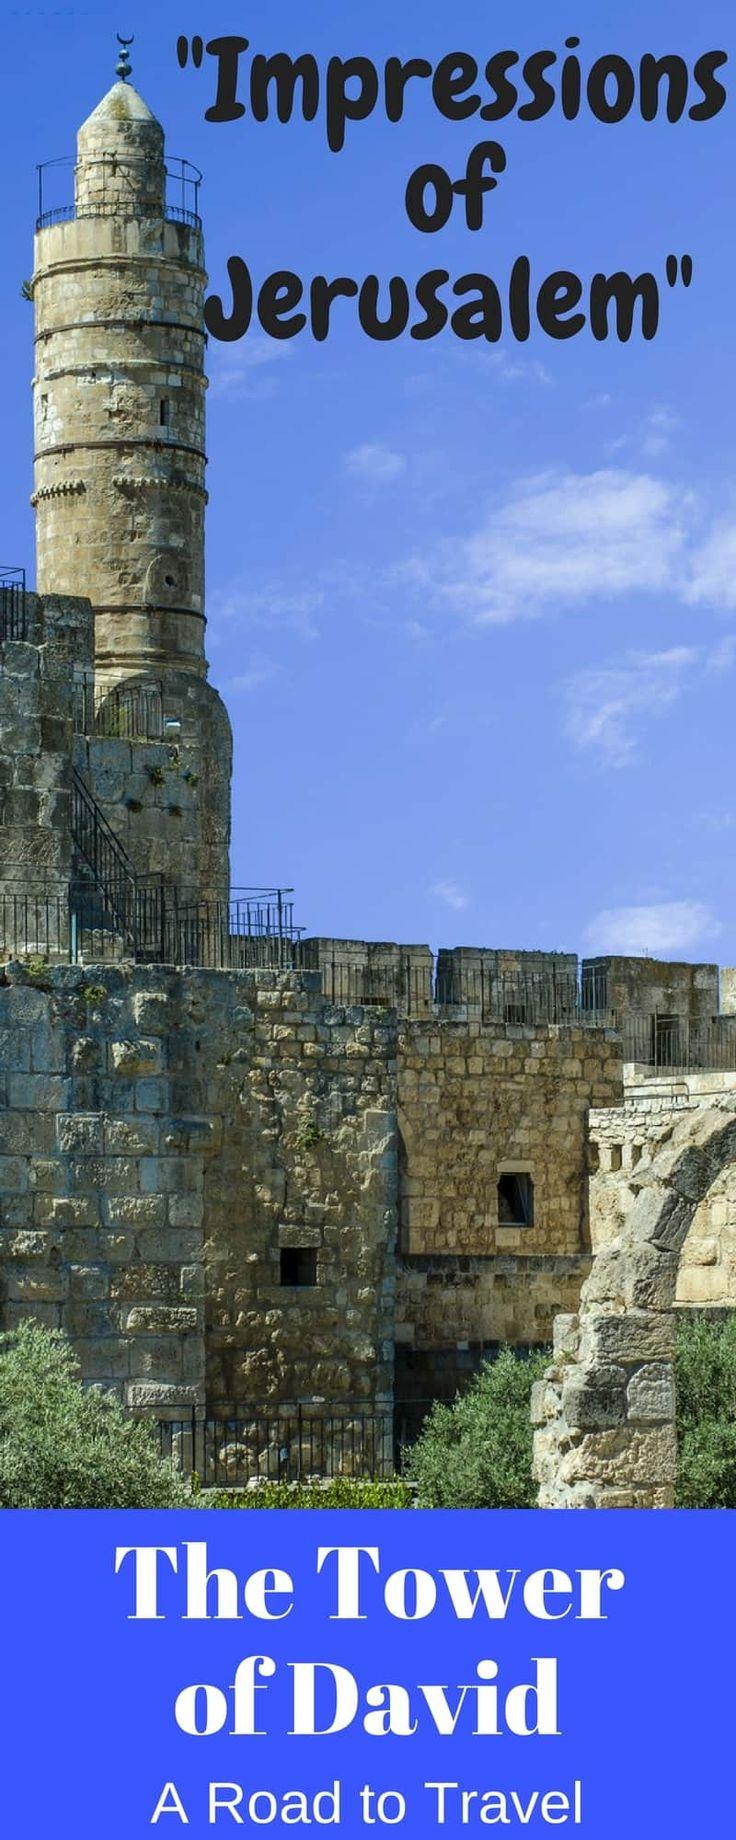 Impressions of Jerusalem | Visiting Israel | Middle East Recipes | Middle East Food | Middle East Rice | Middle East Dessert | Middle East Men | Travel | Middle East | Israel | Jerusalem | A Road to Travel.com Middle East Recipes | Middle East Food | Middle East Rice | Middle East Dessert | Middle East Men | Travel | A Road to Travel | Middle East | Israel